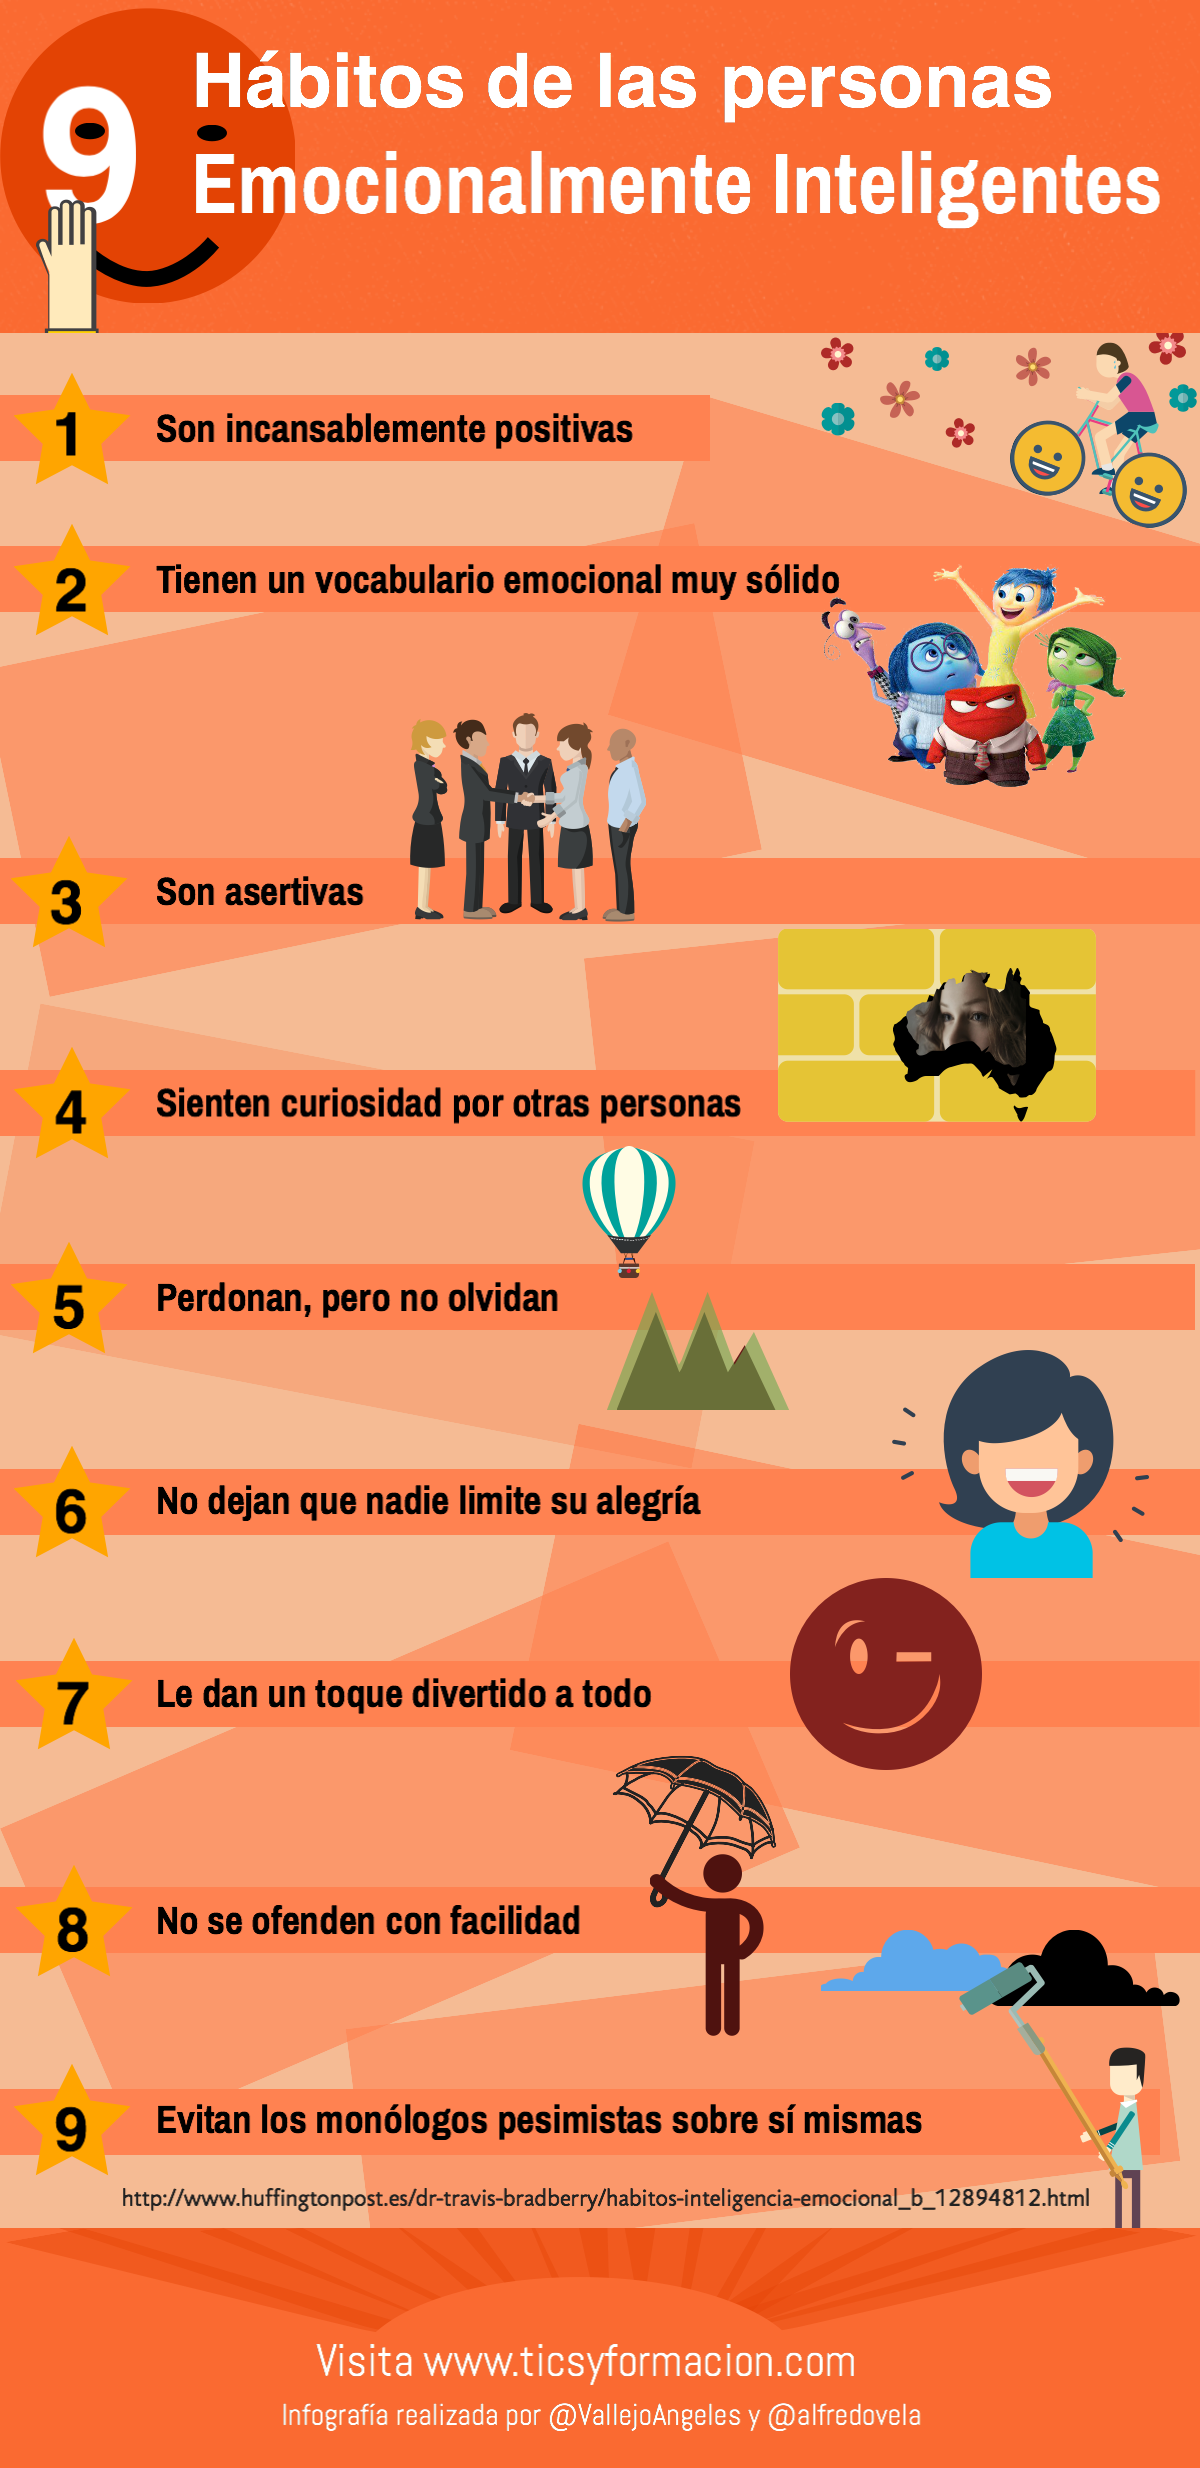 9 hábitos de las personas Emocionalmente Inteligentes #infografia #infographic